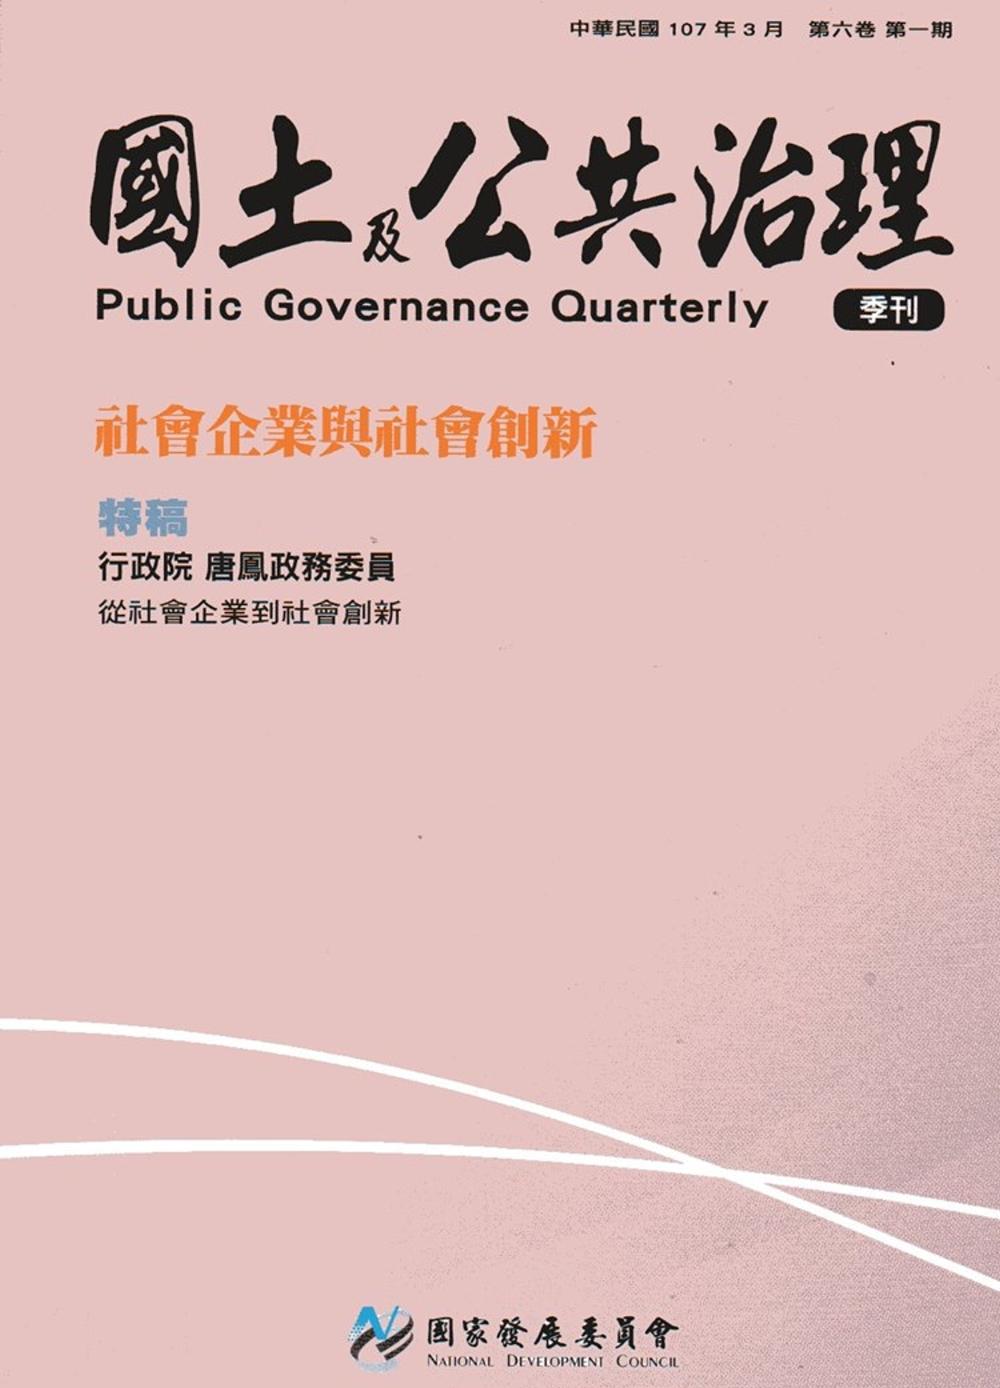 國土及公共治理季刊第6卷第1期(107.03)